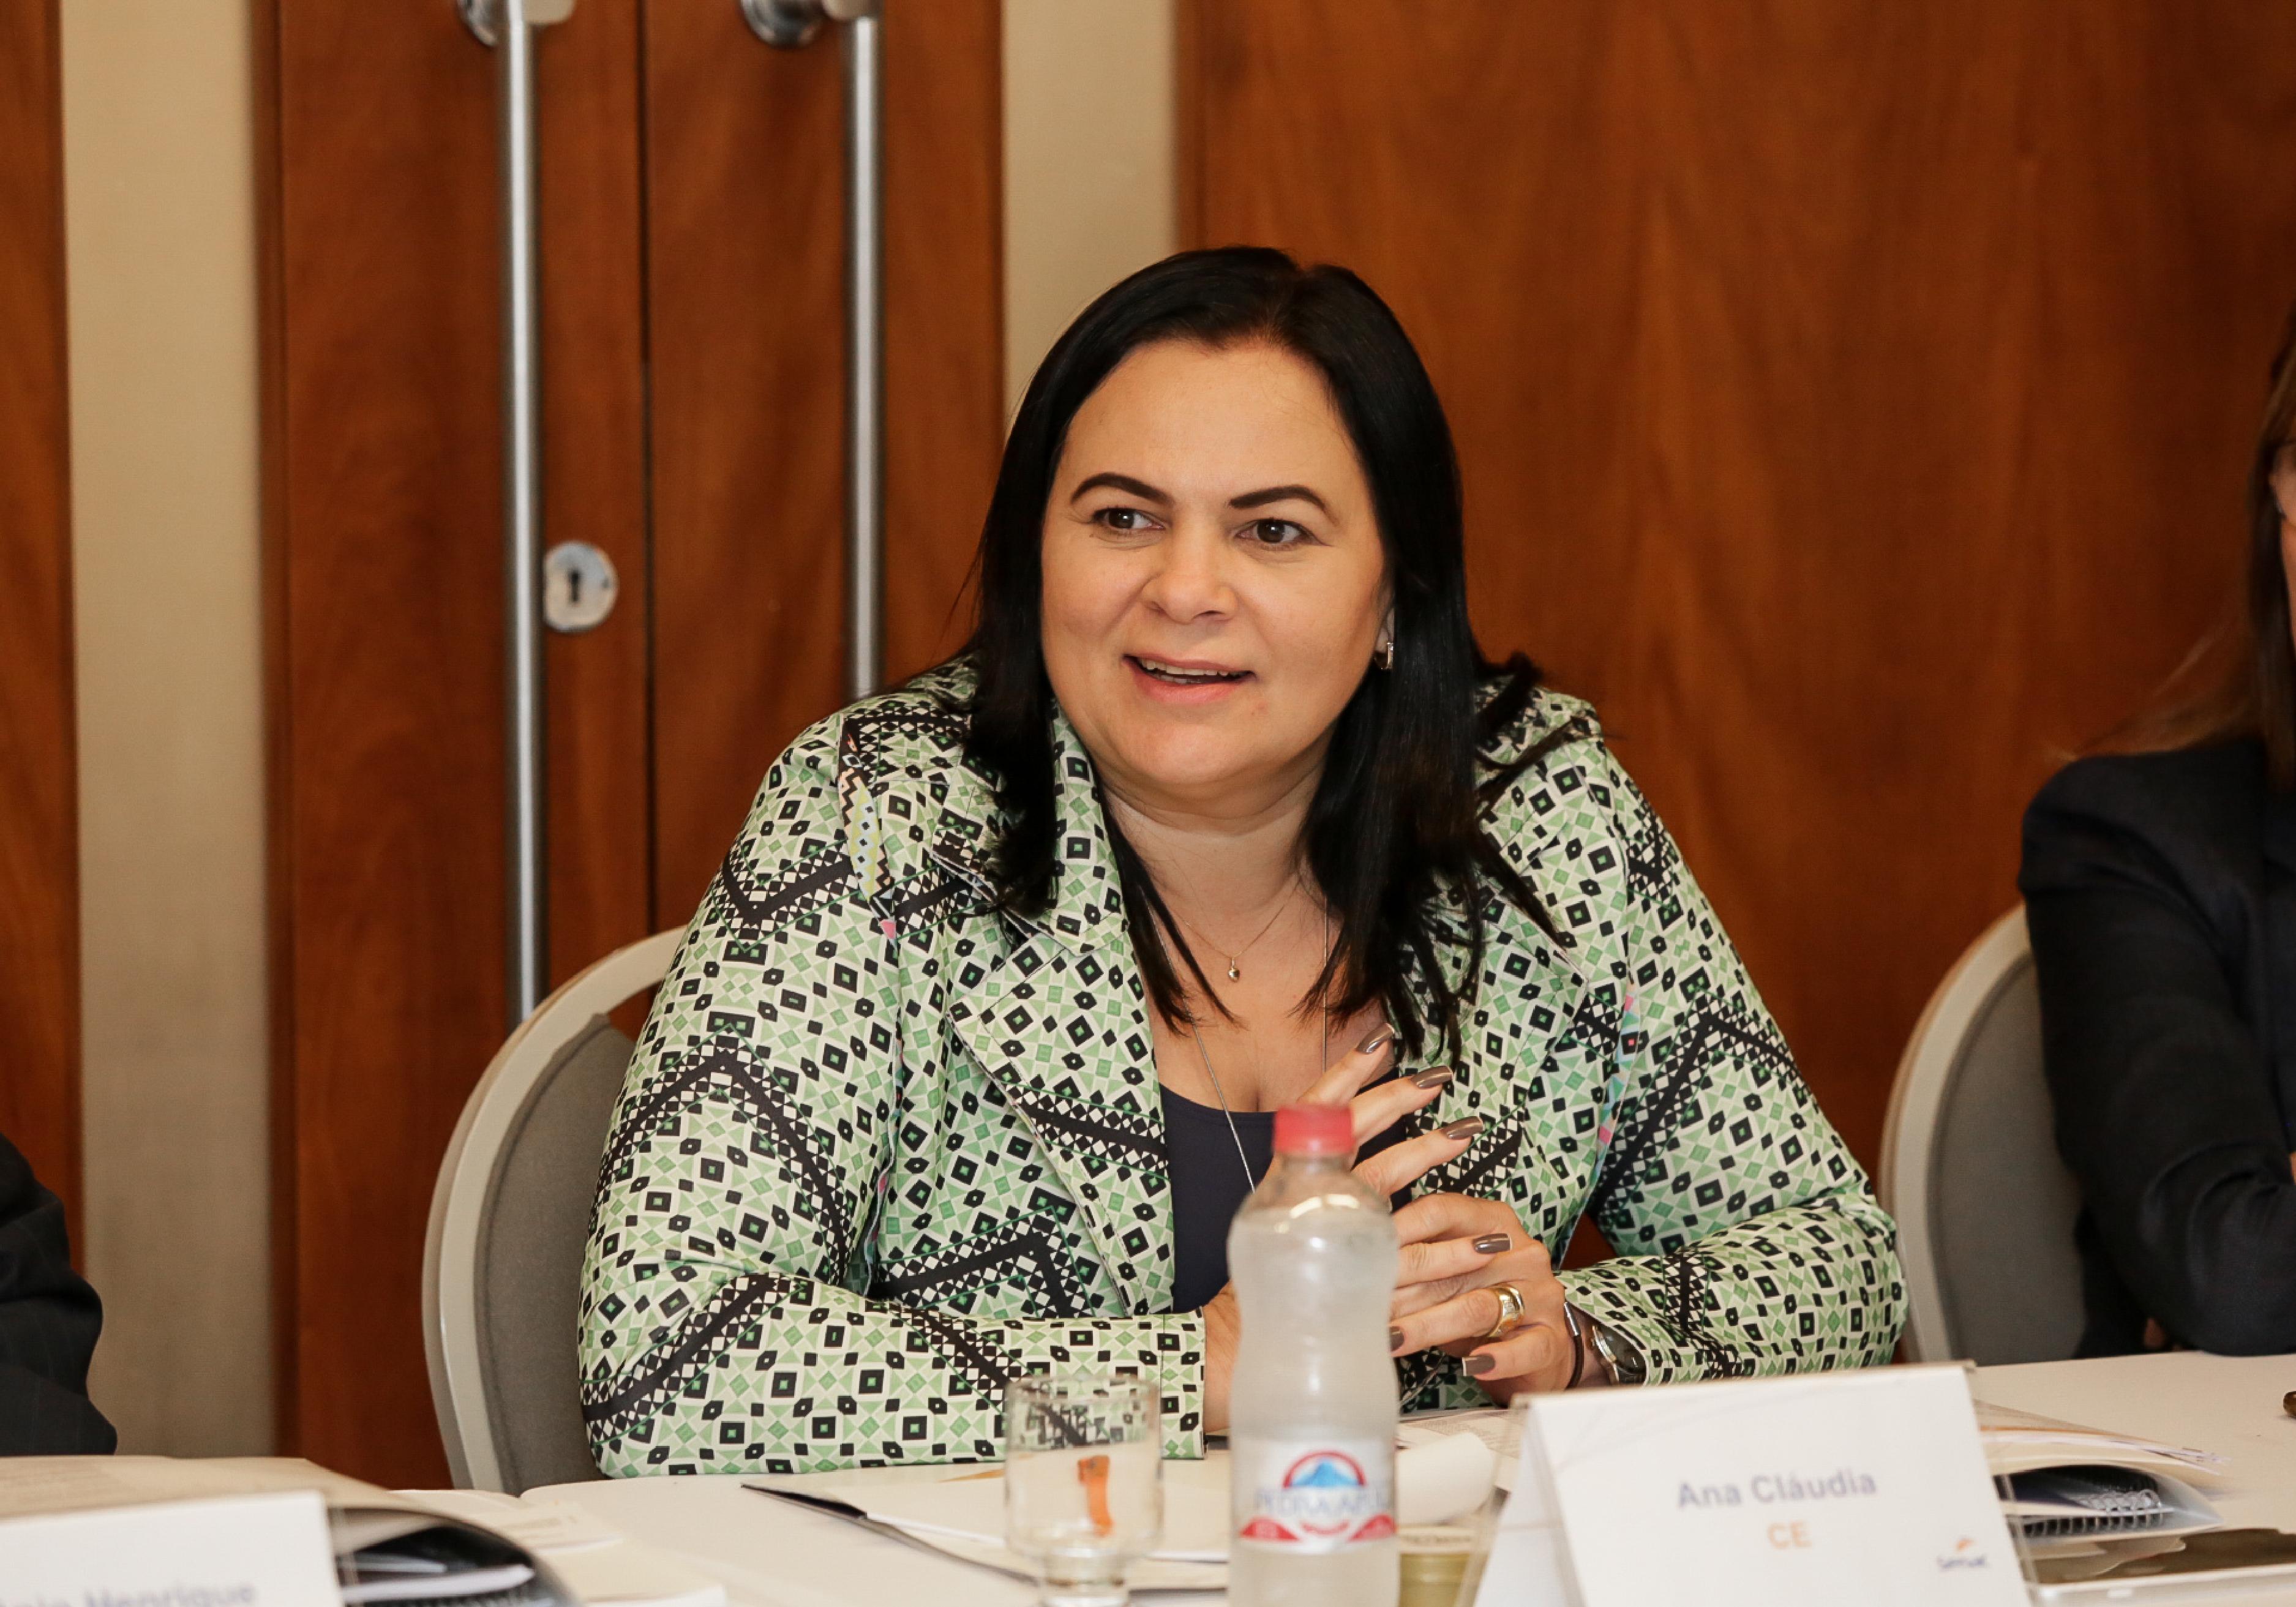 Ana Cláudia Martins assume mandato de 2017 do Núcleo de Desenvolvimento Corporativo do Nordeste